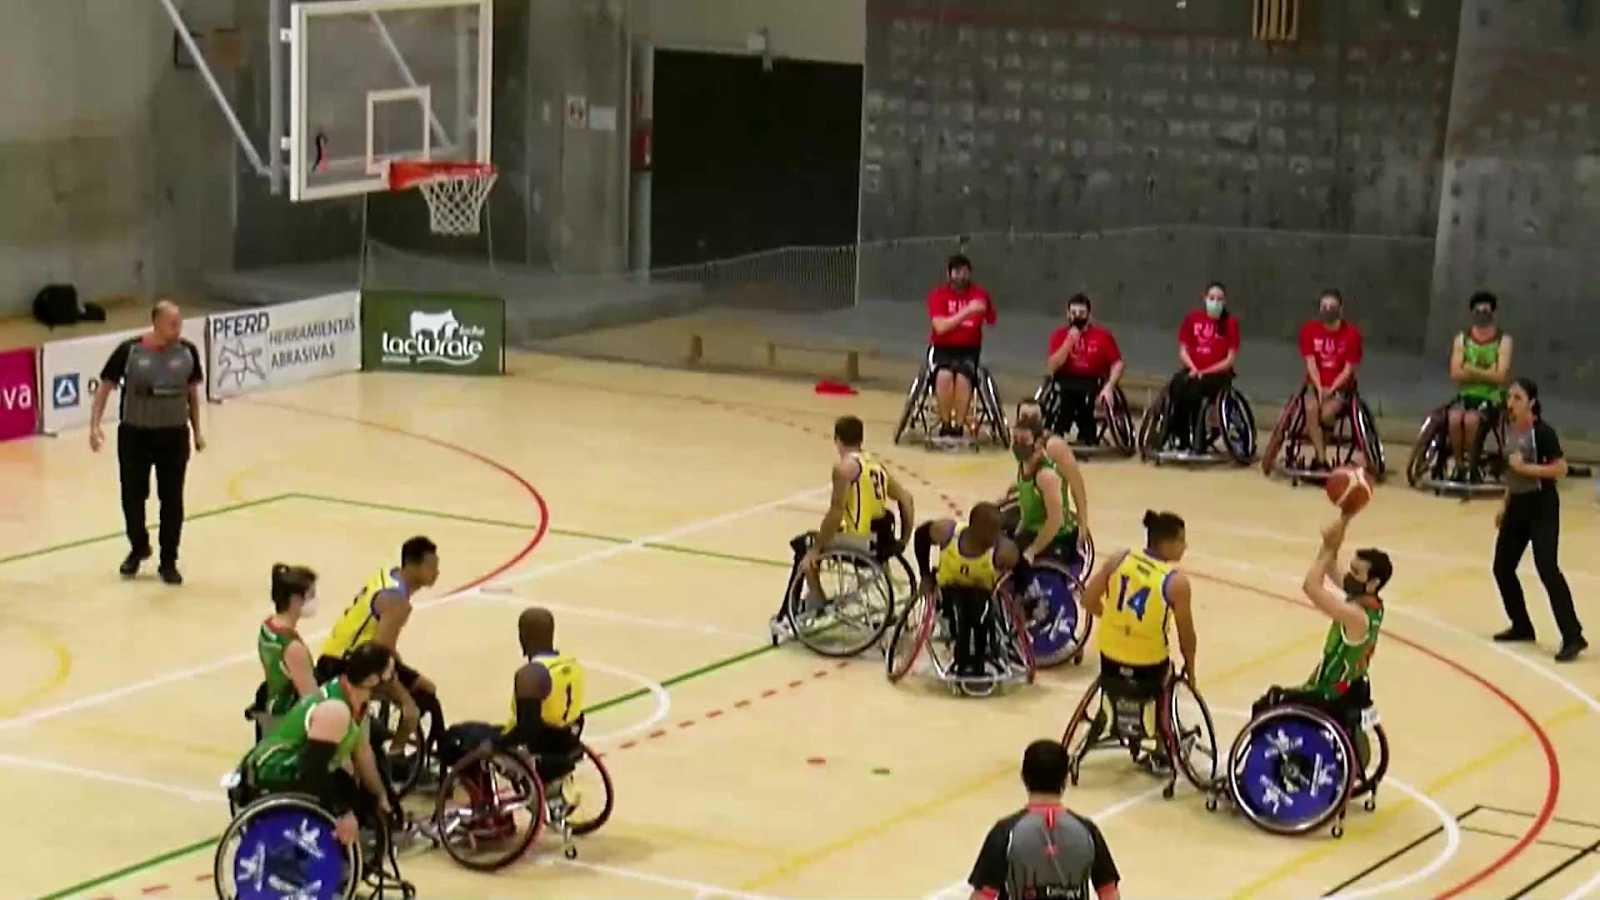 Baloncesto en silla de ruedas - Liga BSR División de Honor. Resumen Jornada 4 - ver ahora